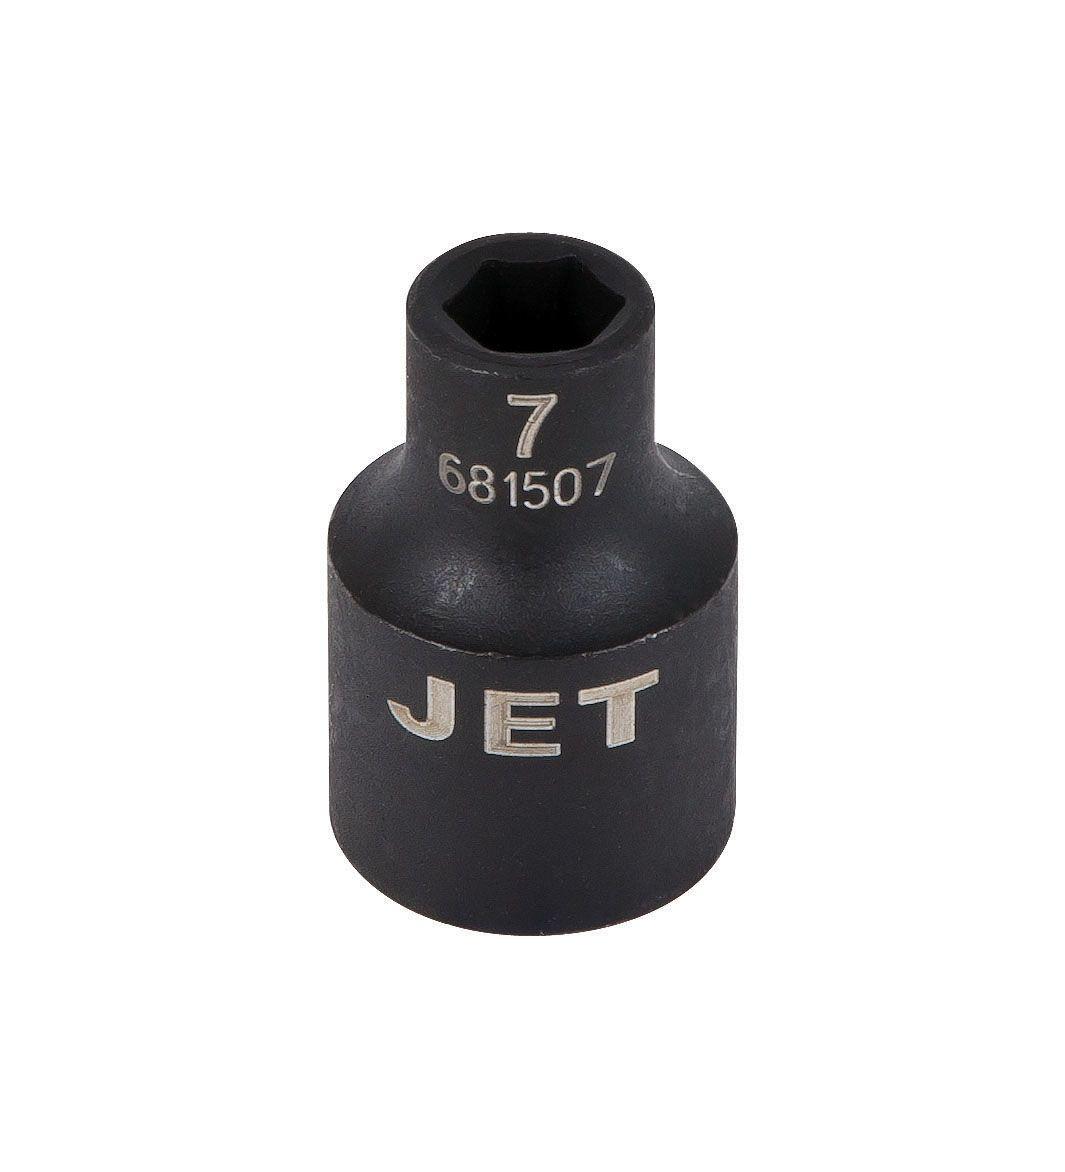 Jet 681508 Douille à chocs 8mm x 6 pans courte à prise 3/8